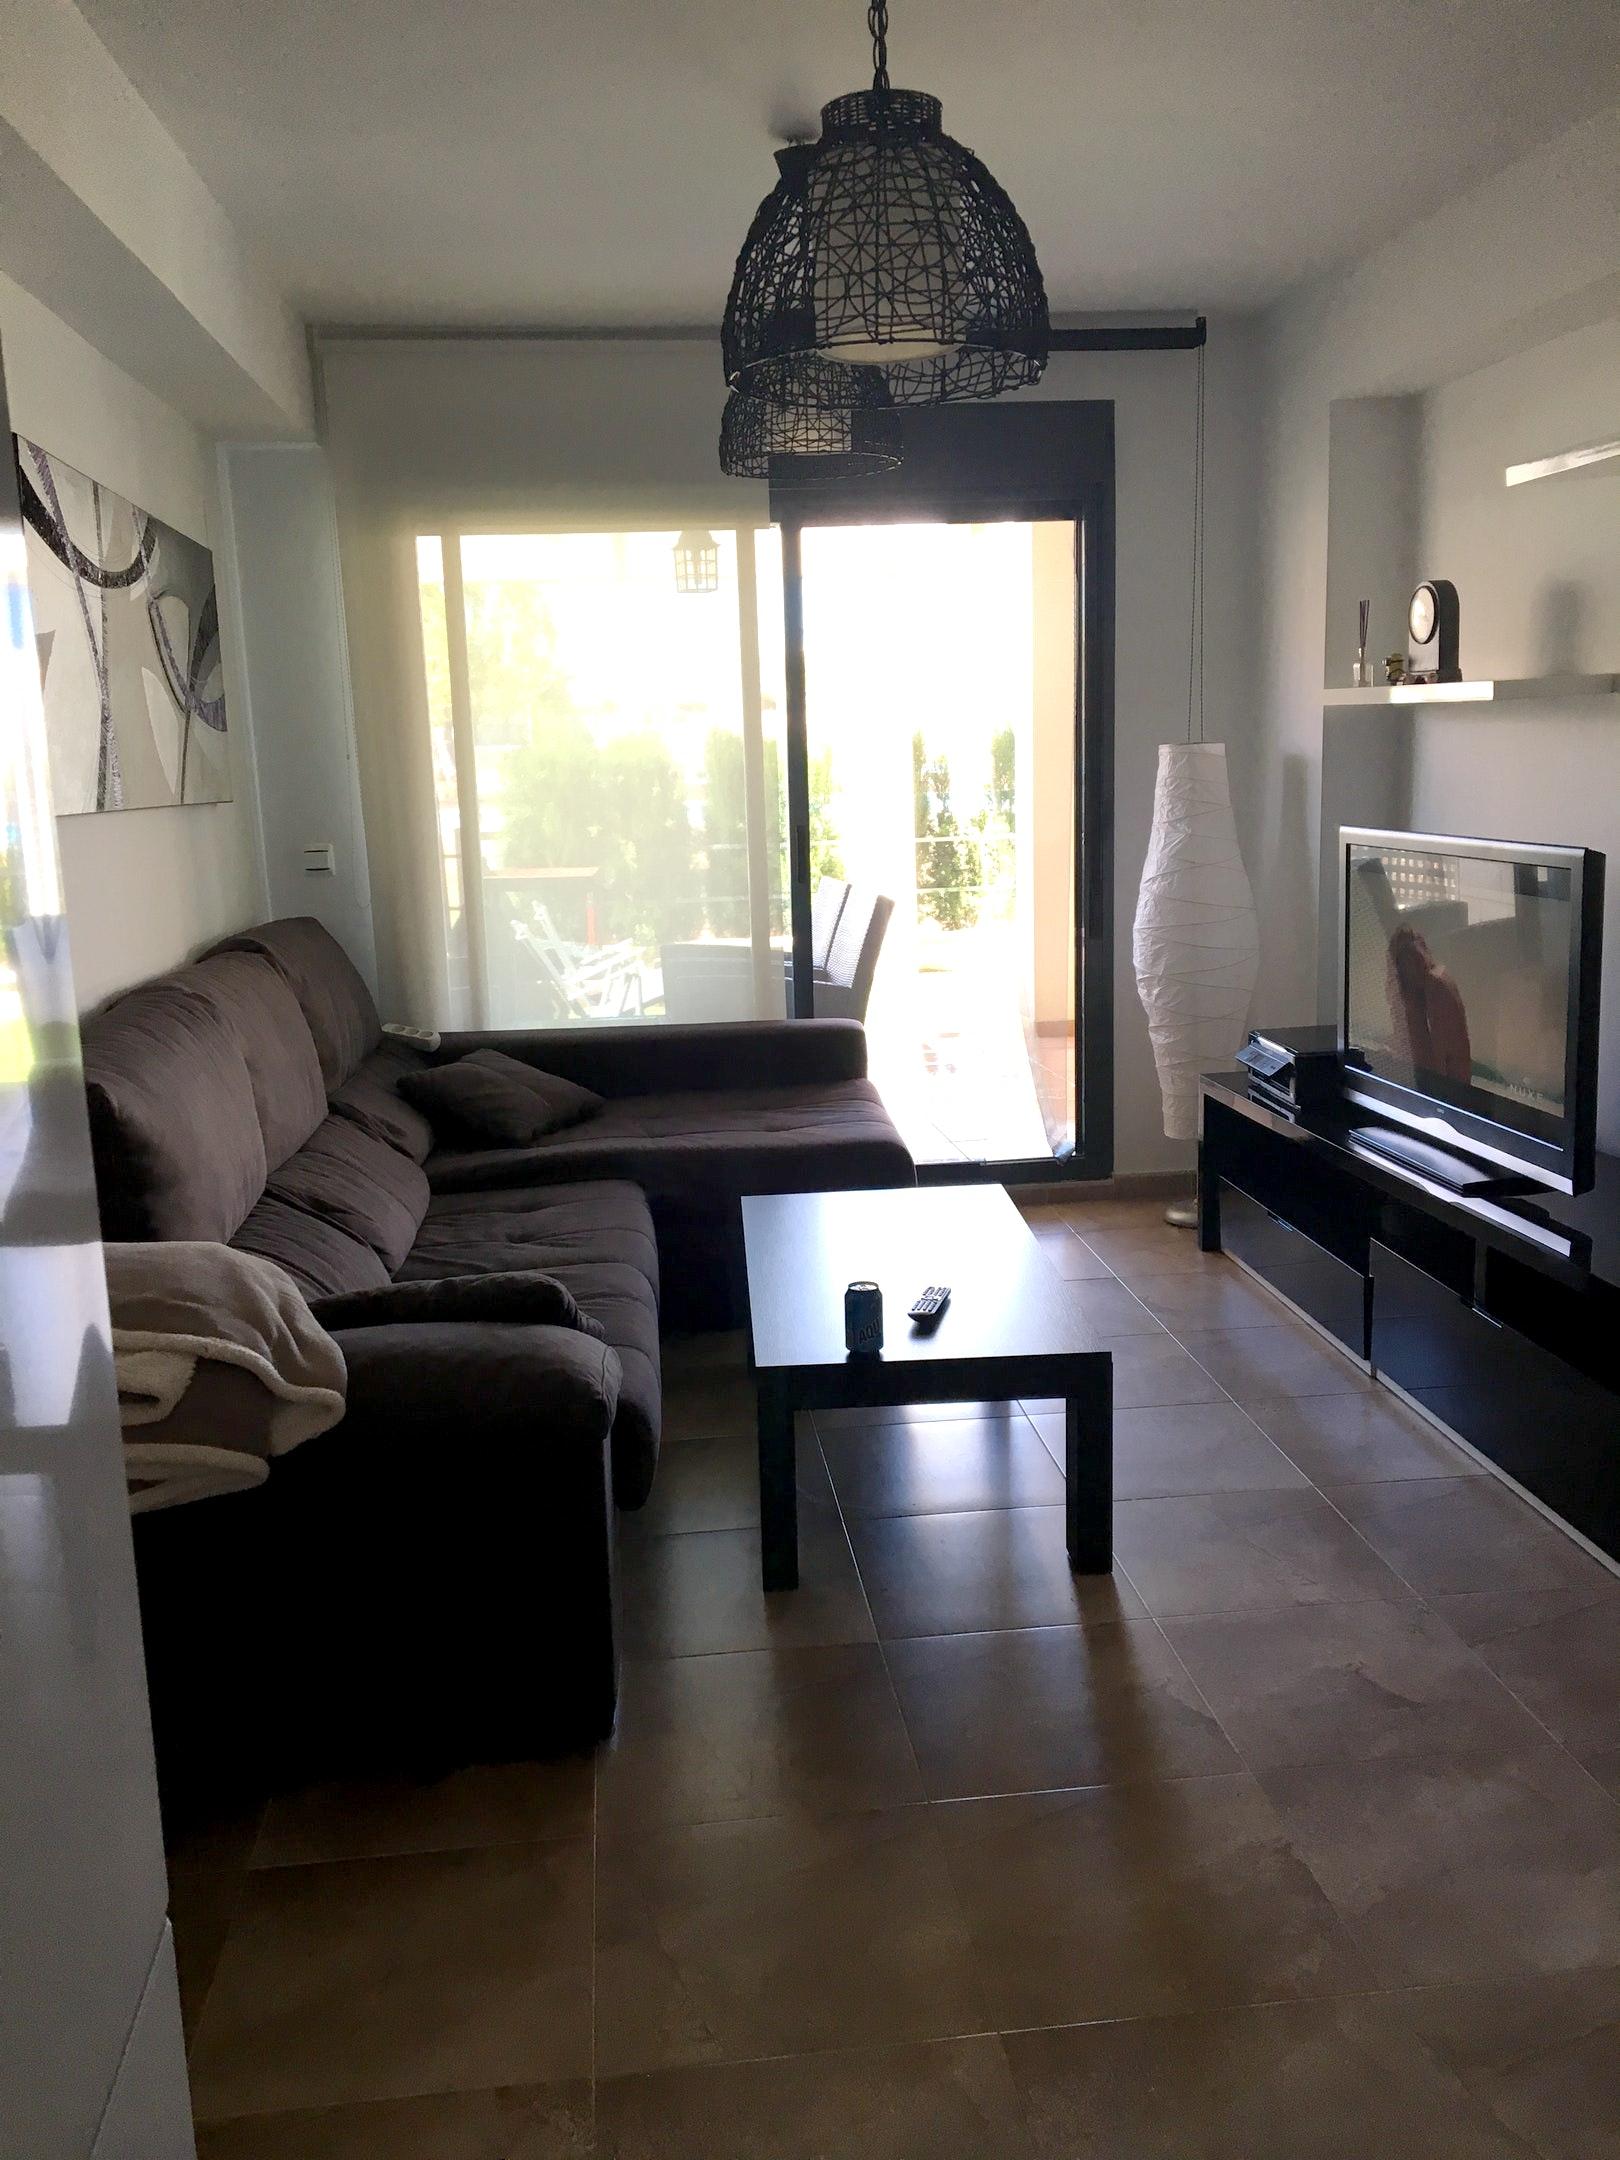 Ferienwohnung Wohnung mit 2 Schlafzimmern in San Jordi mit Pool, möblierter Terrasse und W-LAN - 25 km v (2218181), San Jorge, Provinz Castellón, Valencia, Spanien, Bild 5